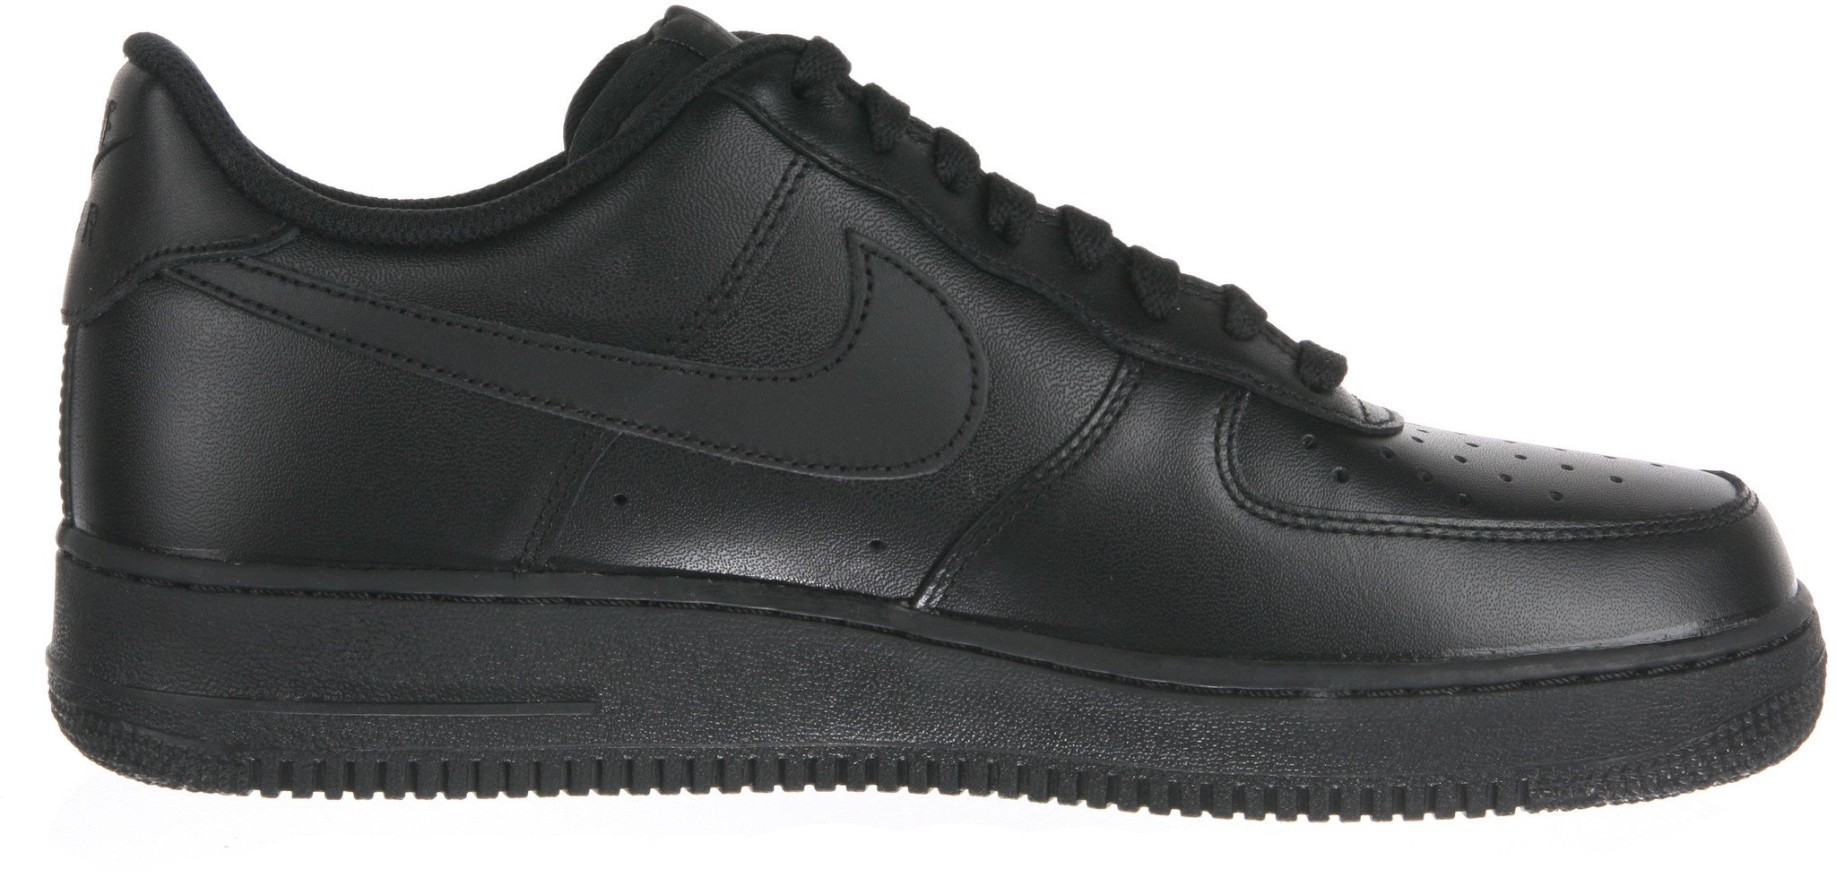 Schuhe Herren Air Force 1 '07